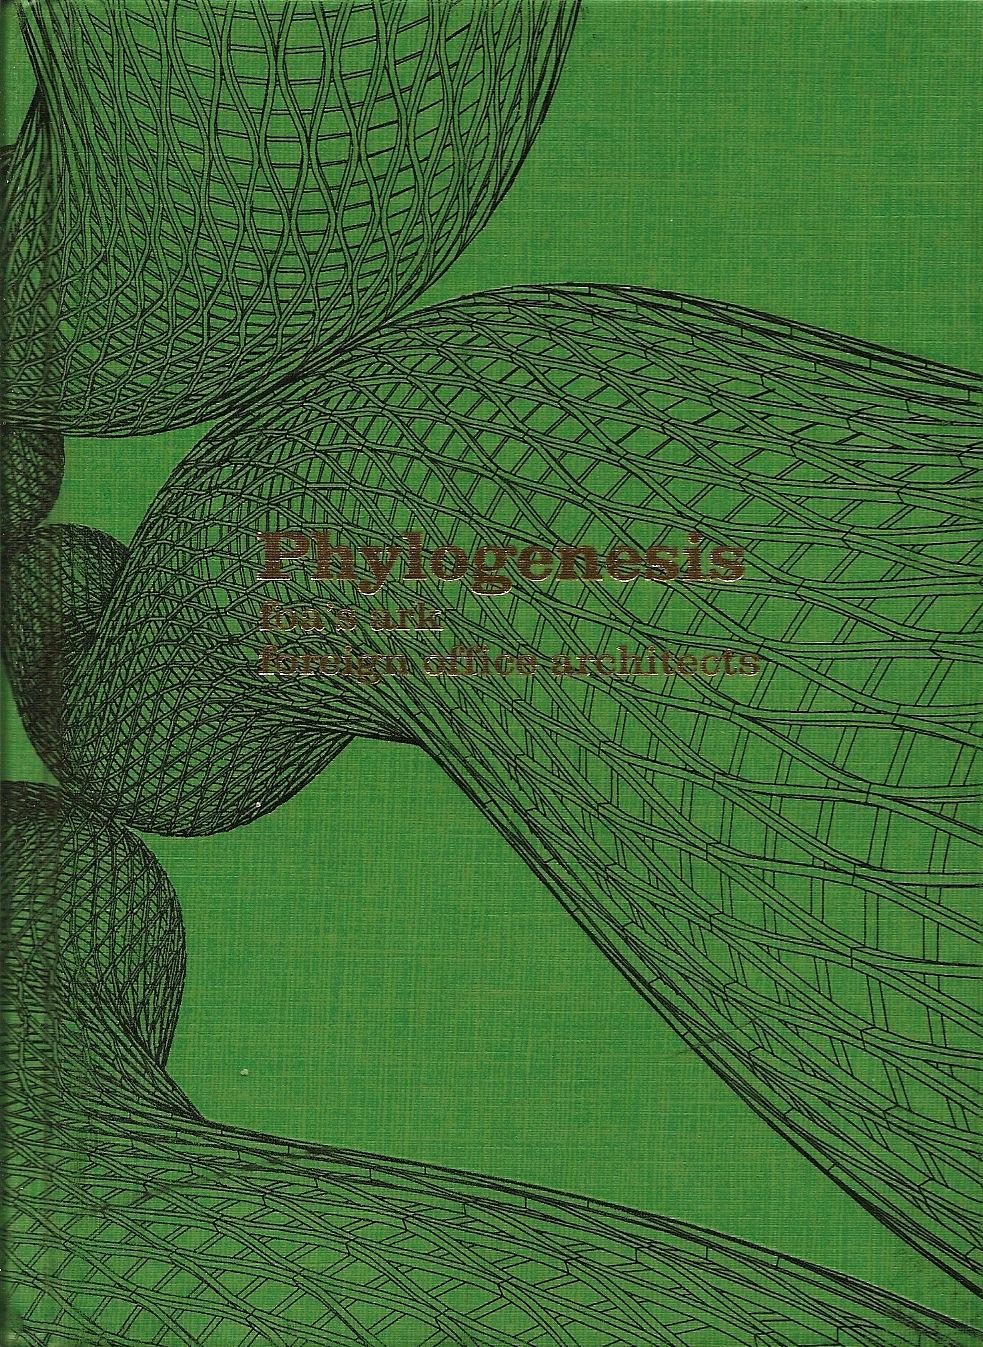 Phylogenesis Foa's Ark